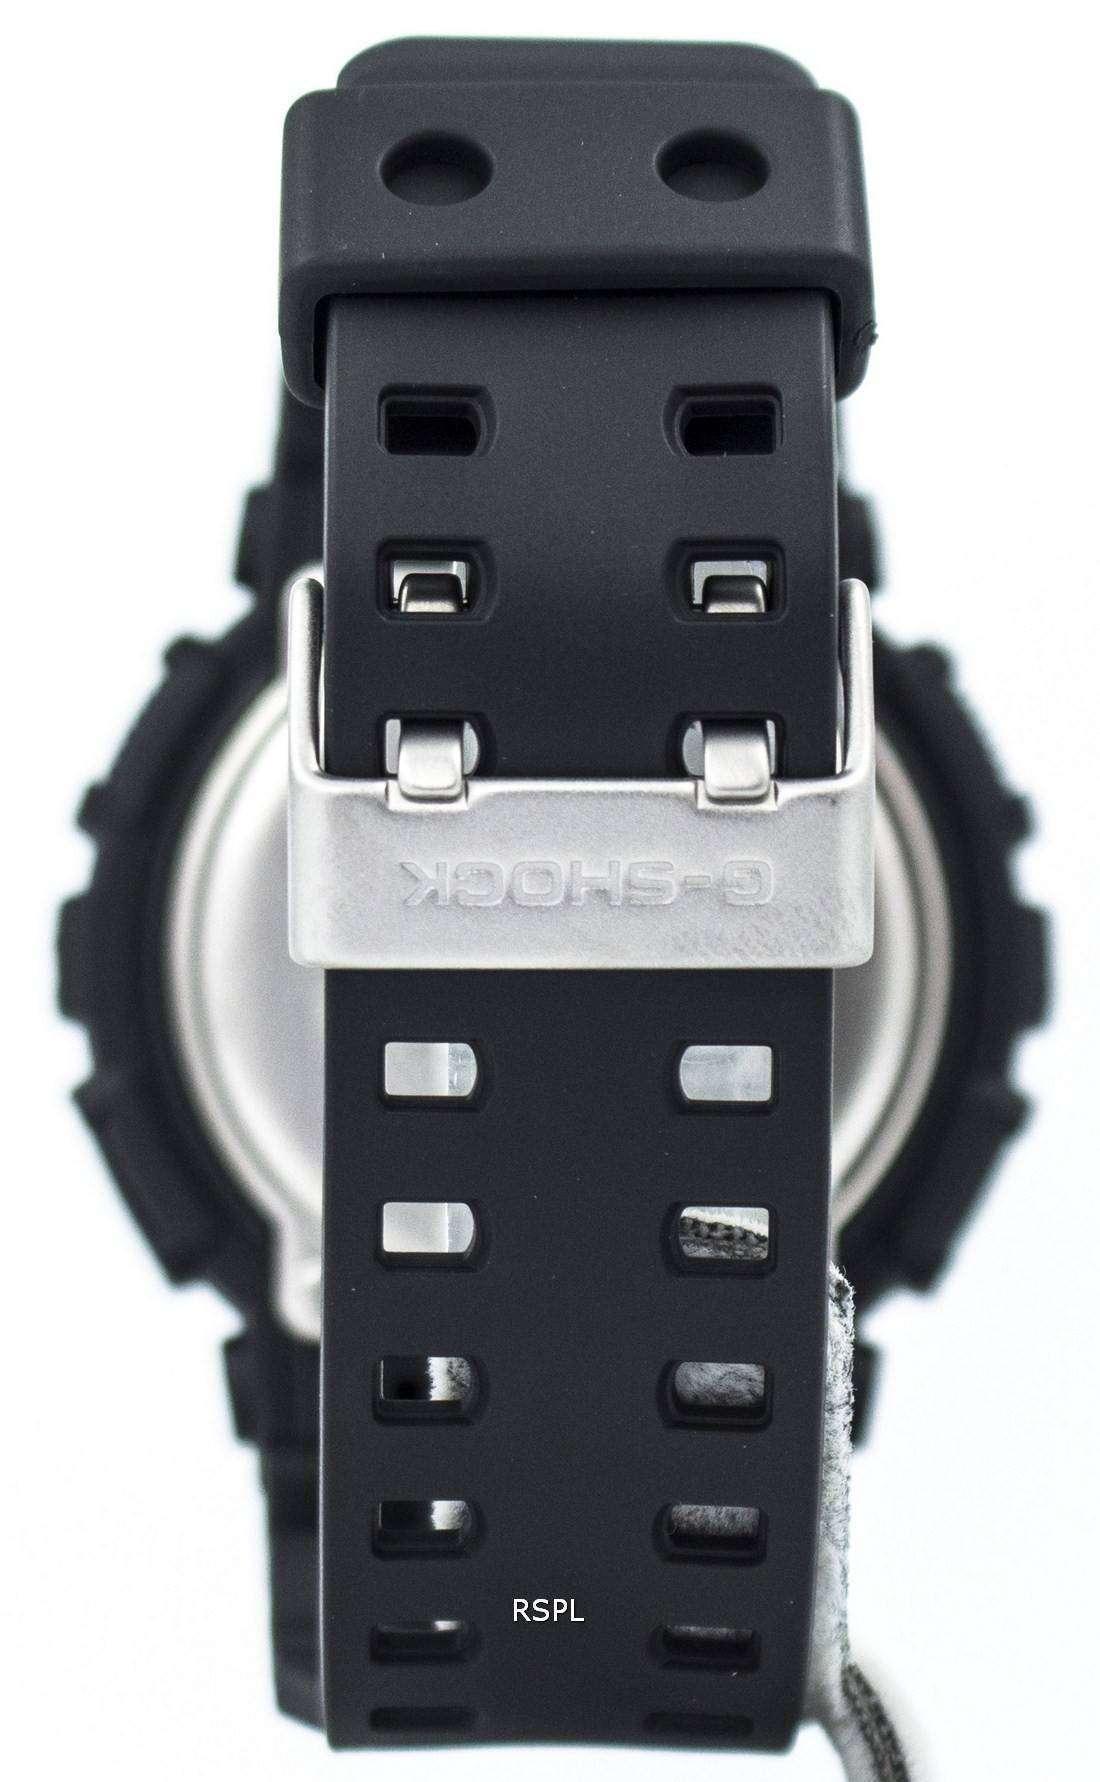 Hombres Casio Ga Digital Negro 1a Analógico 120 G Reloj Shock 35jcLR4Aq